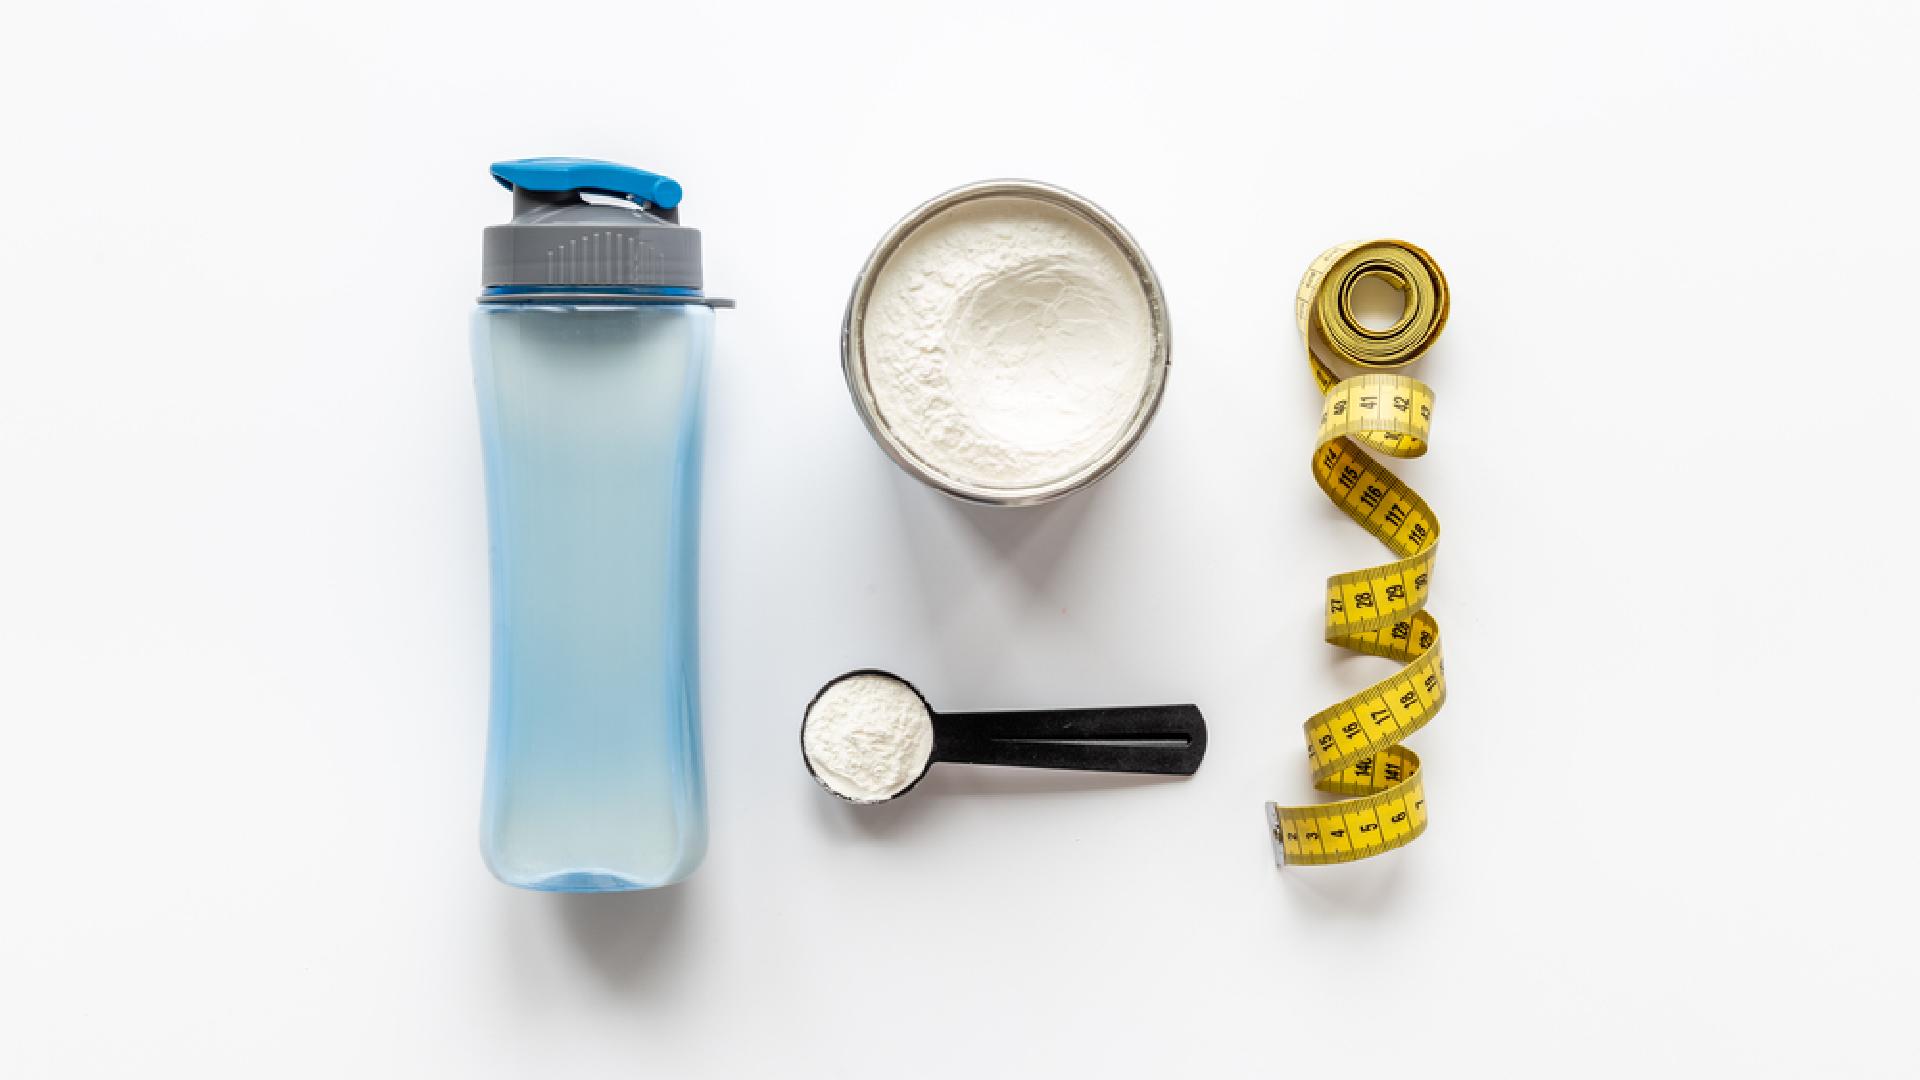 O Whey Protein ajuda a potencializar a formação de massa magra (Imagem: Reprodução/Shutterstock)